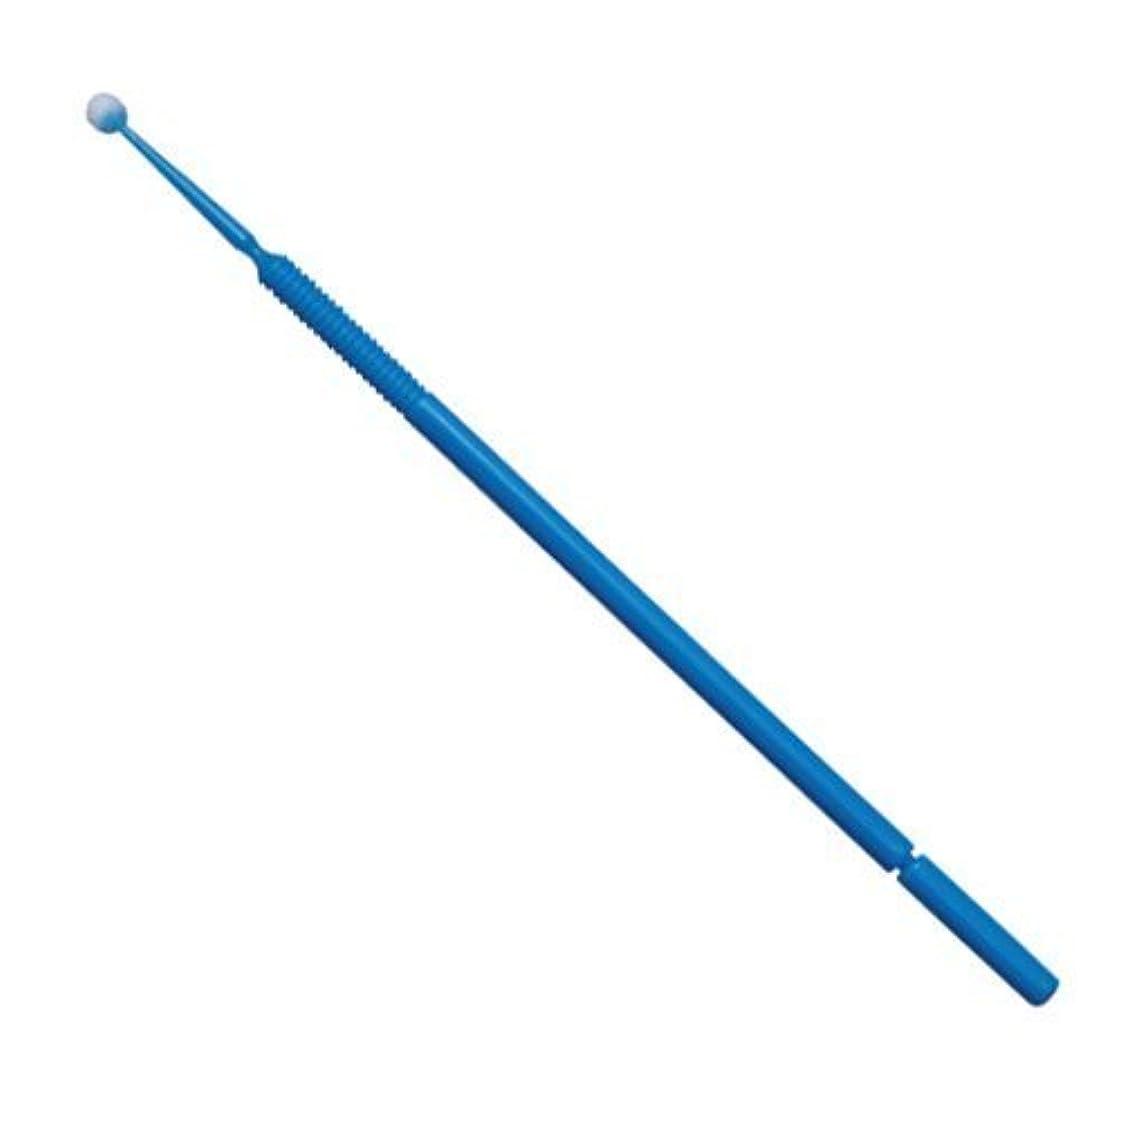 主張けがをする経度マイクロアプリケーター(マイクロブラシ) レギュラー:φ2.0mm、ブルー/ 1箱100本